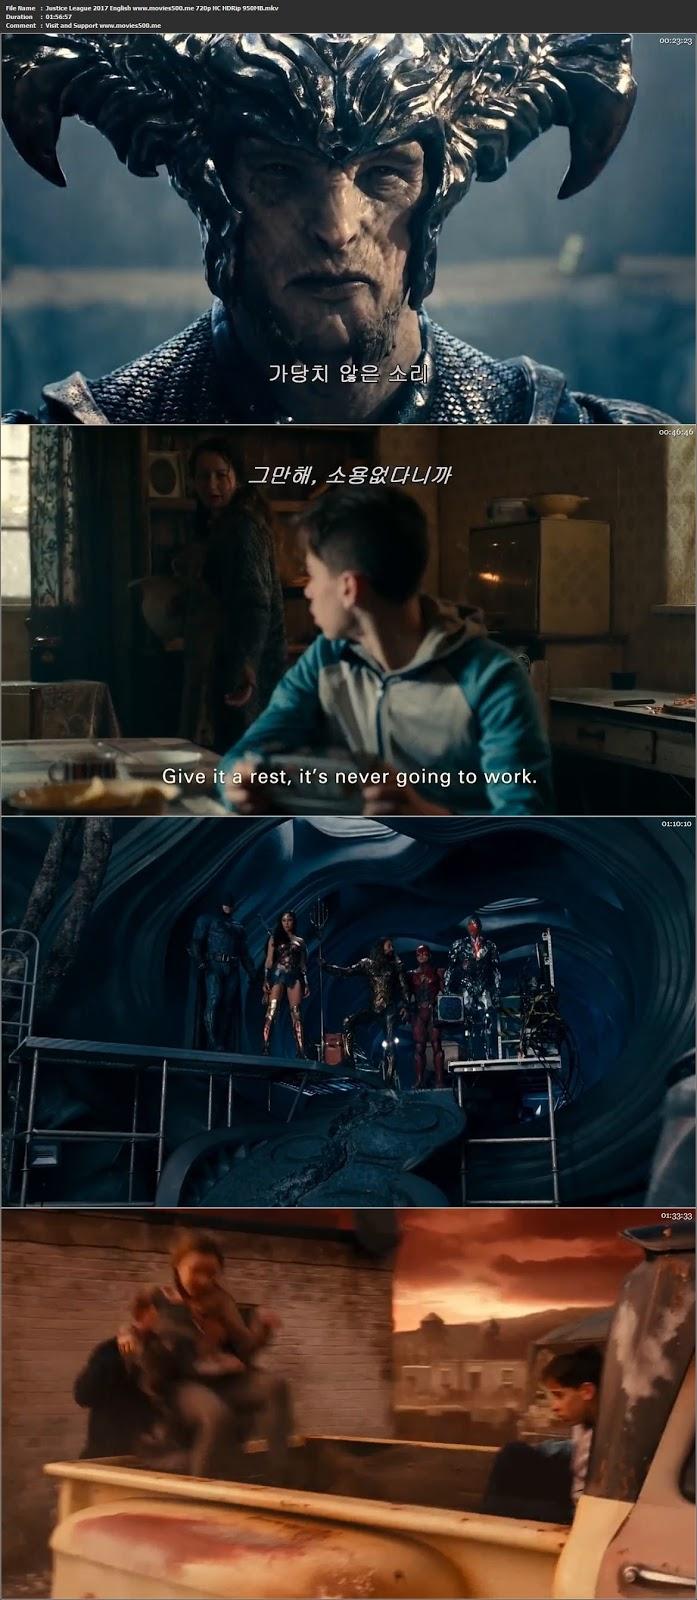 Justice League 2017 Dual Audio Hindi Full Movie HDRip 720p 1GB at createkits.com